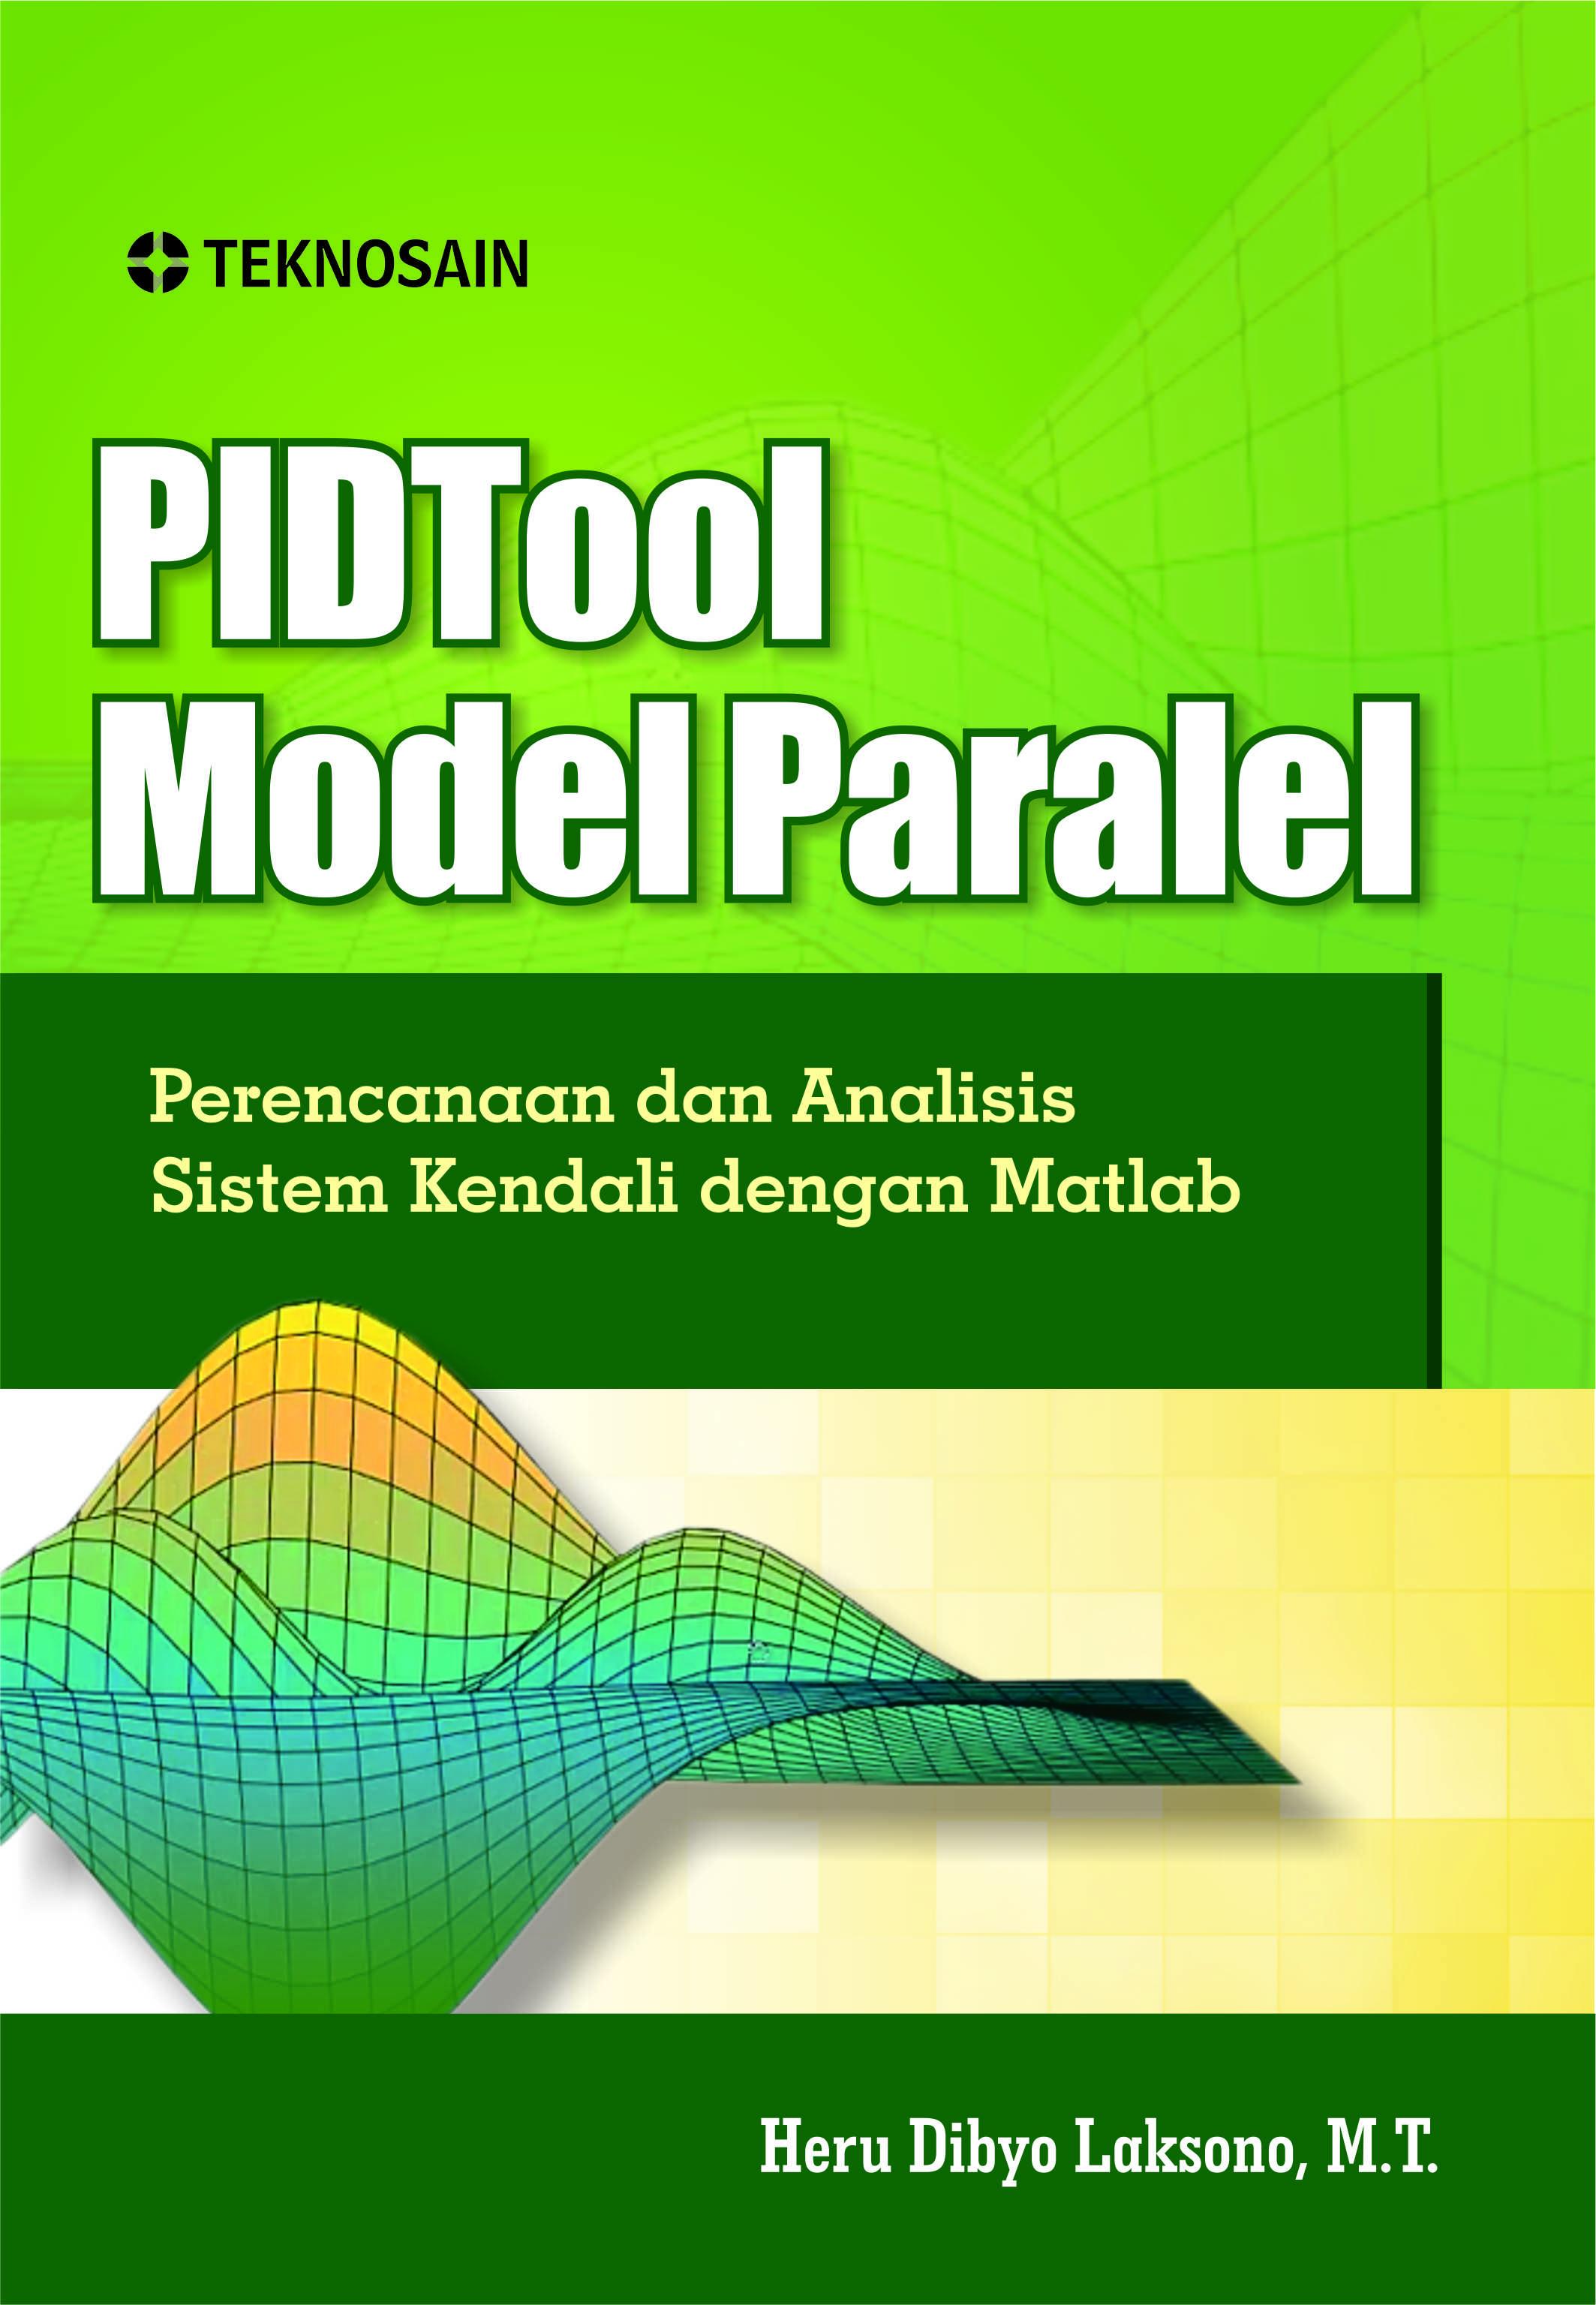 PIDTool Model Paralel: Perencanaan dan Analisis Sistem Kendali dengan Matlab [sumber elektronis]